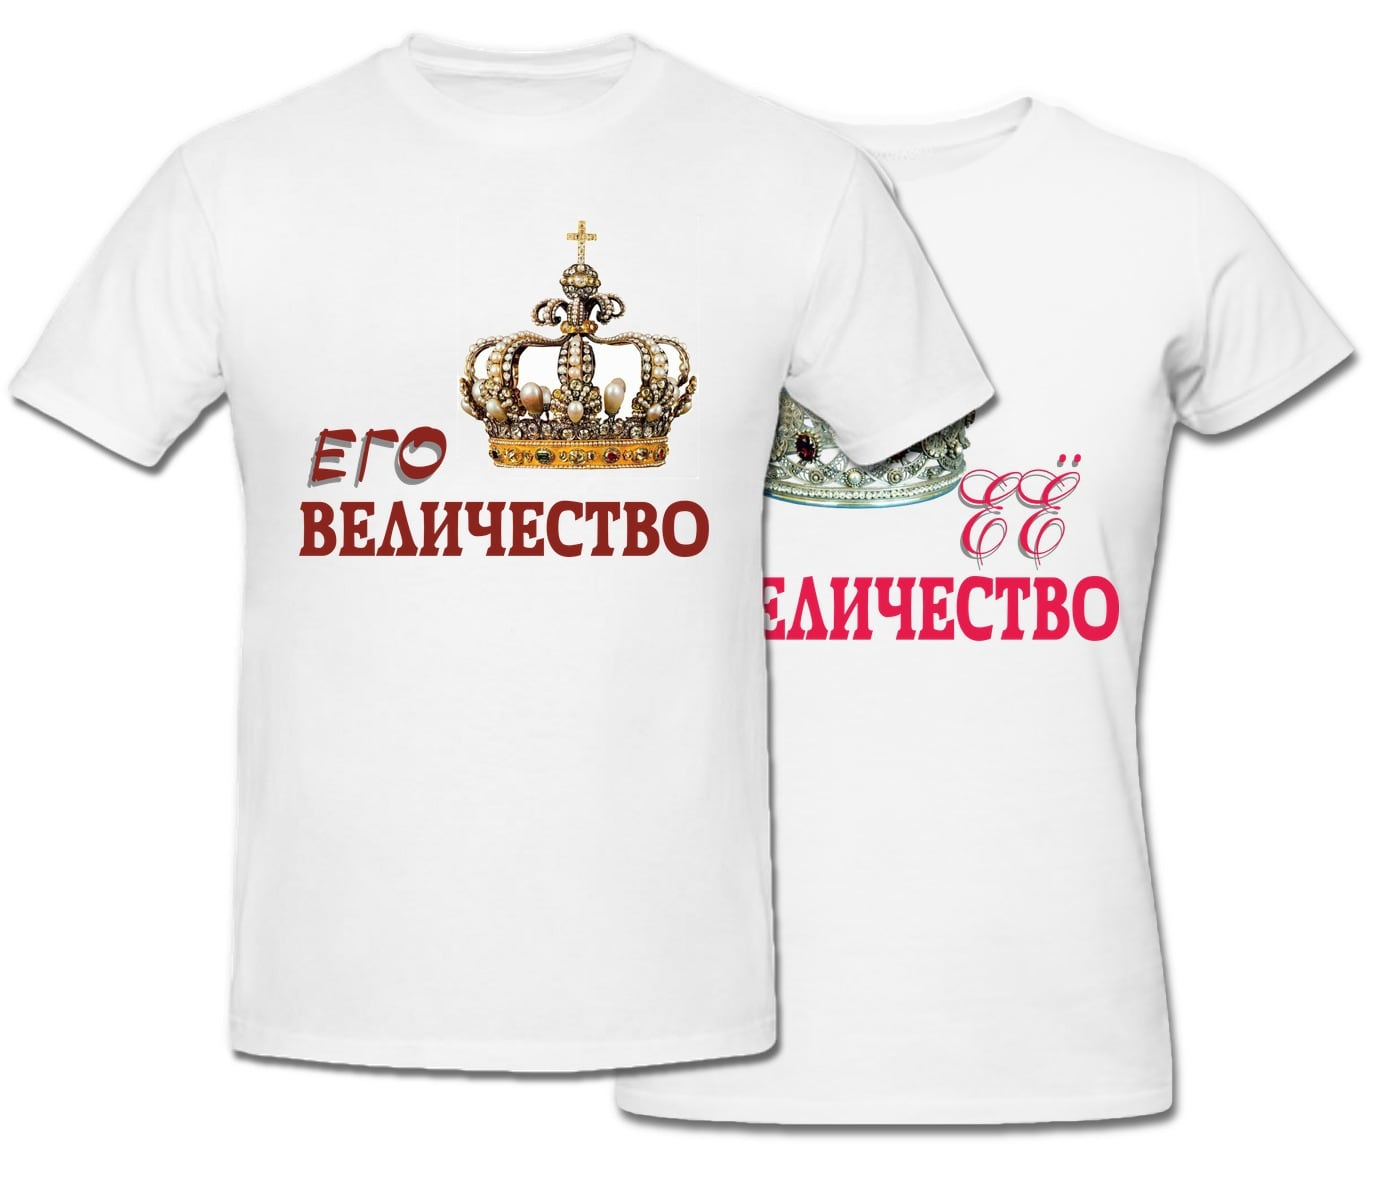 Комплект футболок *Их Величество*